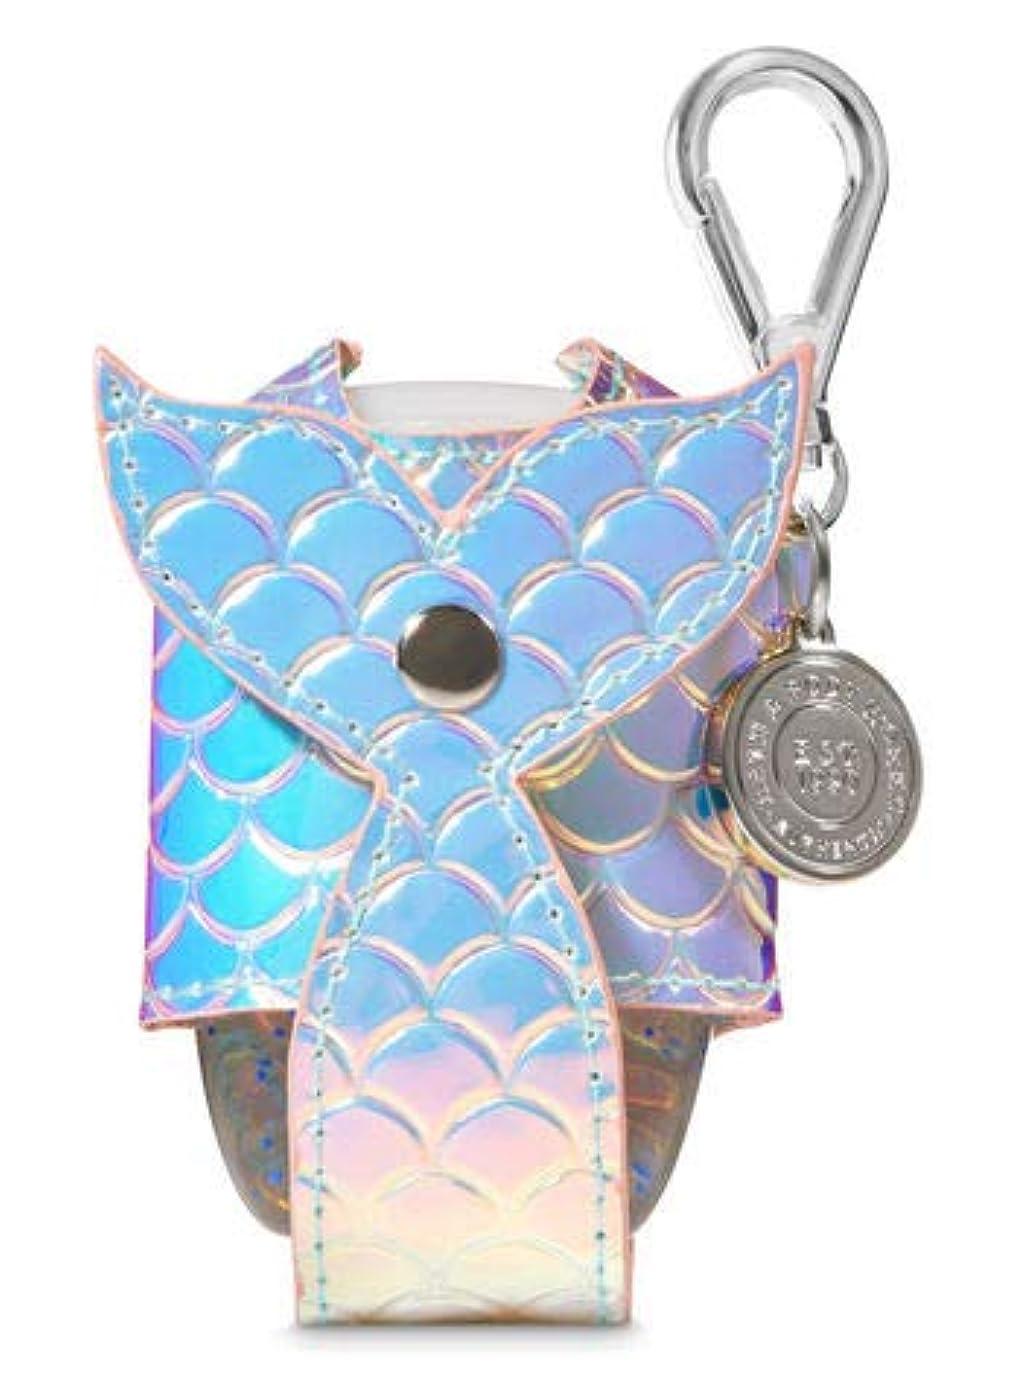 枕歩行者本当のことを言うと【Bath&Body Works/バス&ボディワークス】 抗菌ハンドジェルホルダー 虹色 マーメイドテイル Pocketbac Holder Iridescent Mermaid Tail [並行輸入品]